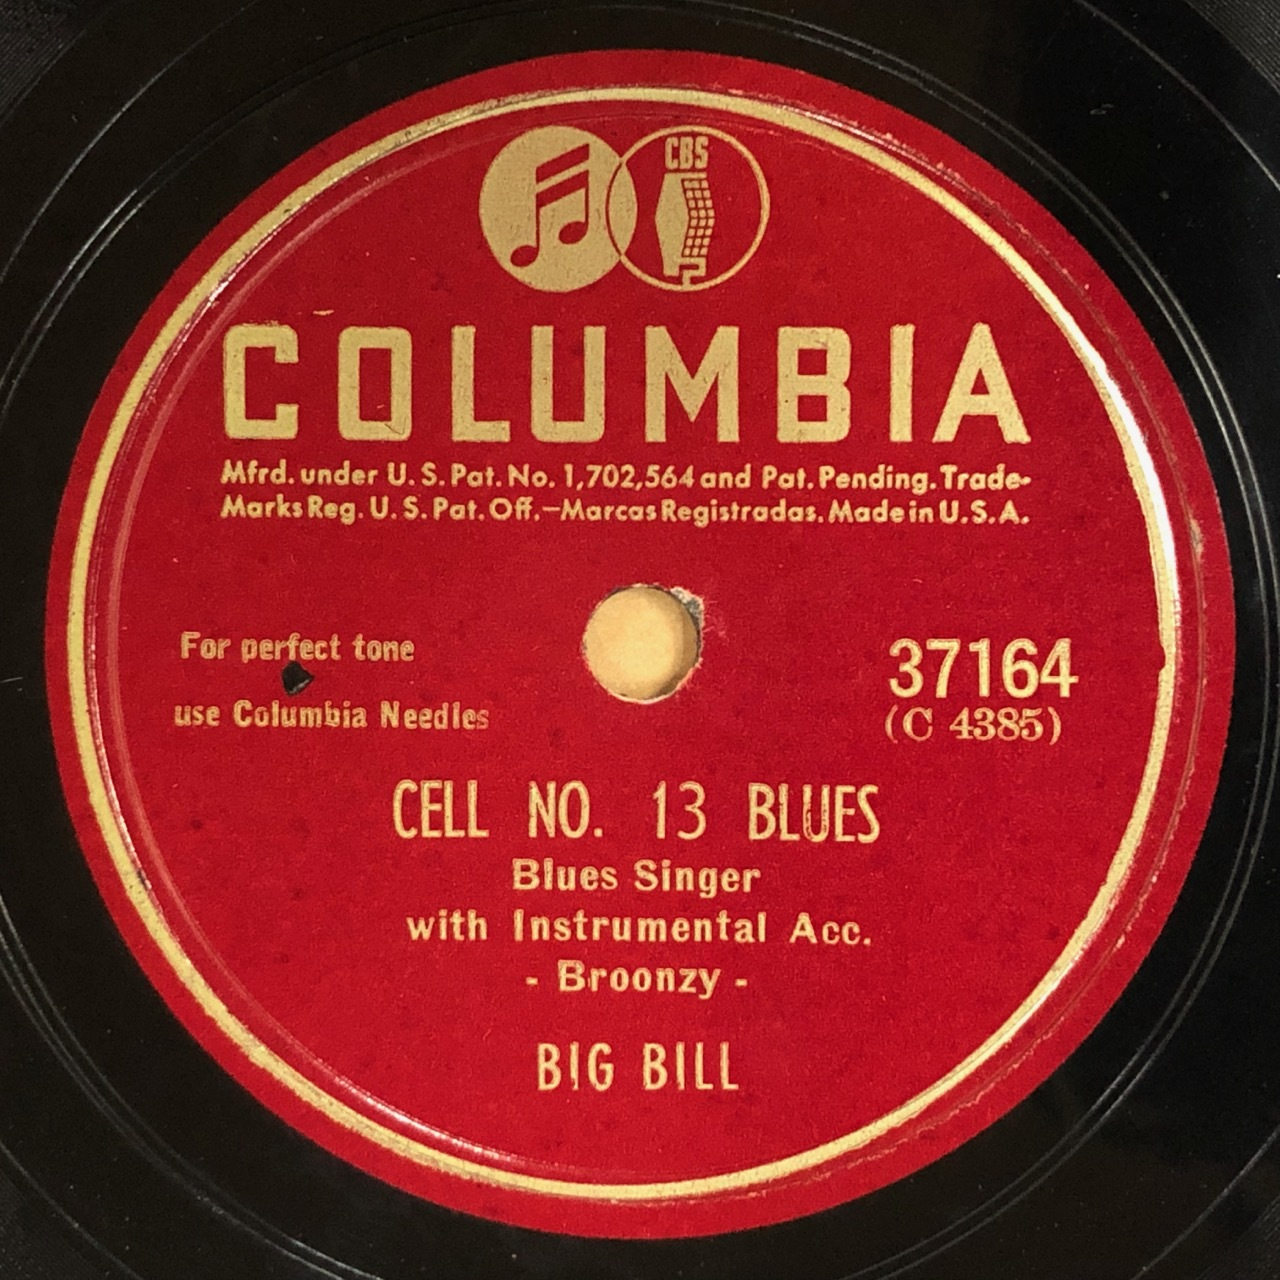 SPレコード入荷しました その1 ブルース系_a0047010_16230944.jpg